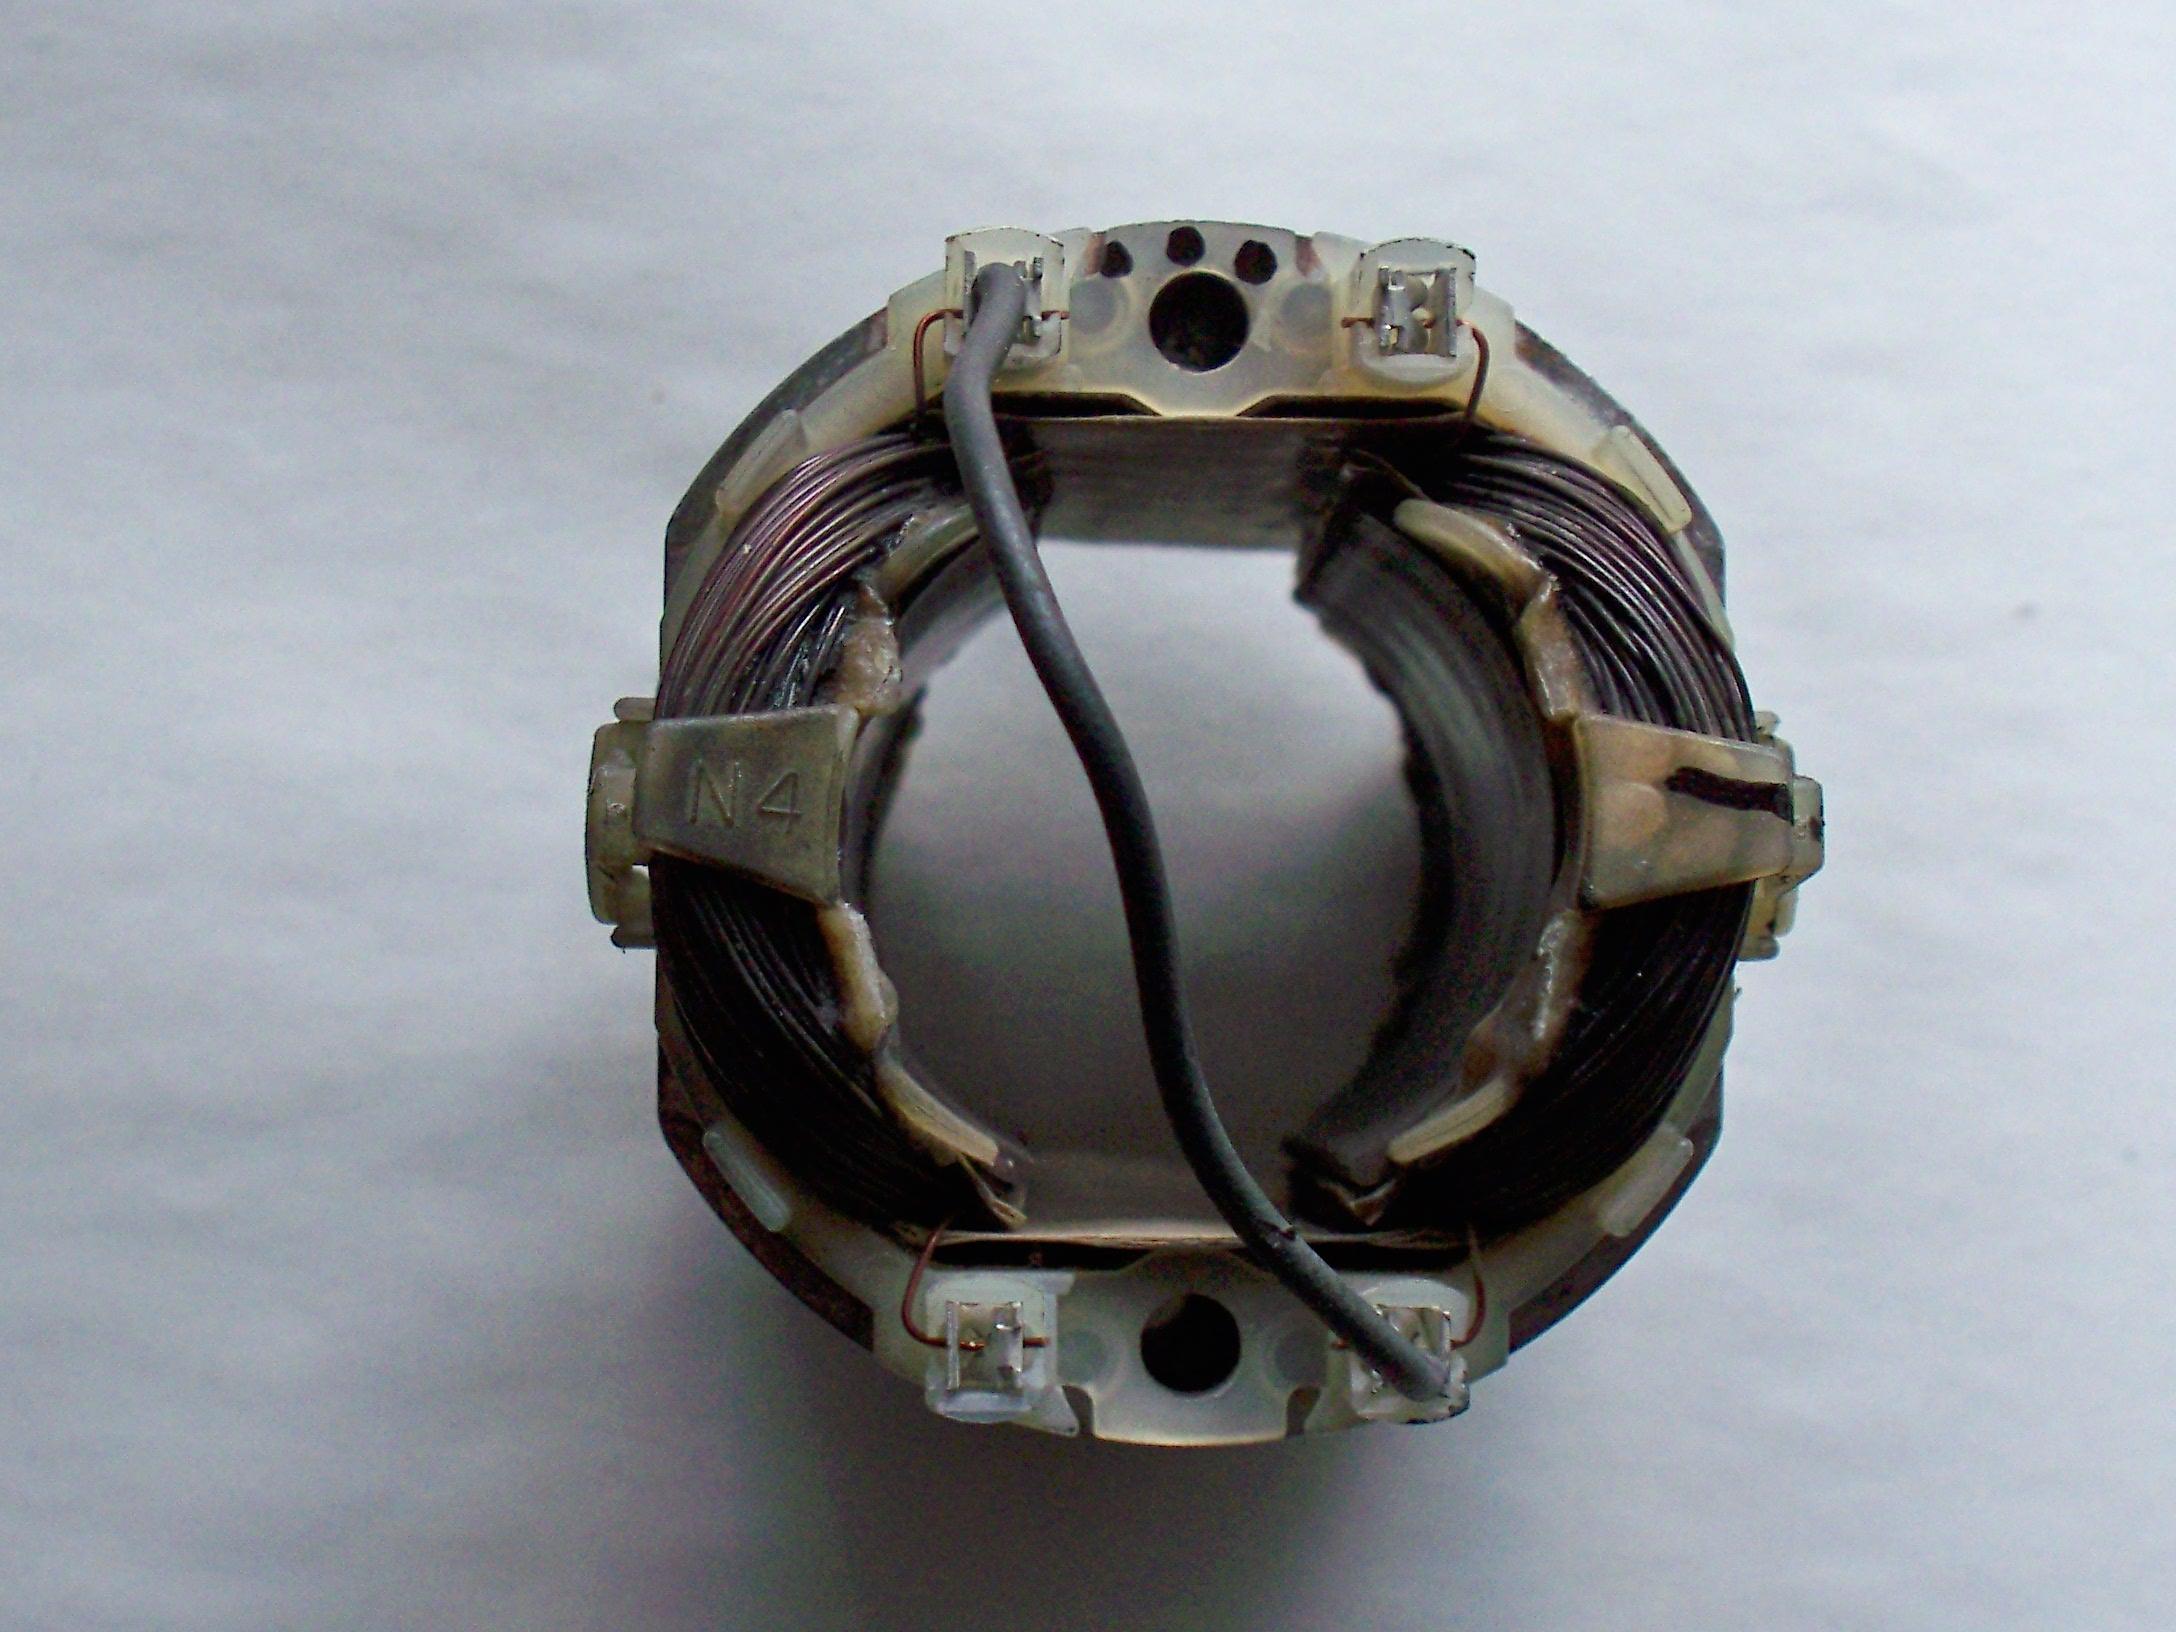 Przezwojenie stojana wiertarki Makita 550W, pod��czenie wy��cznika